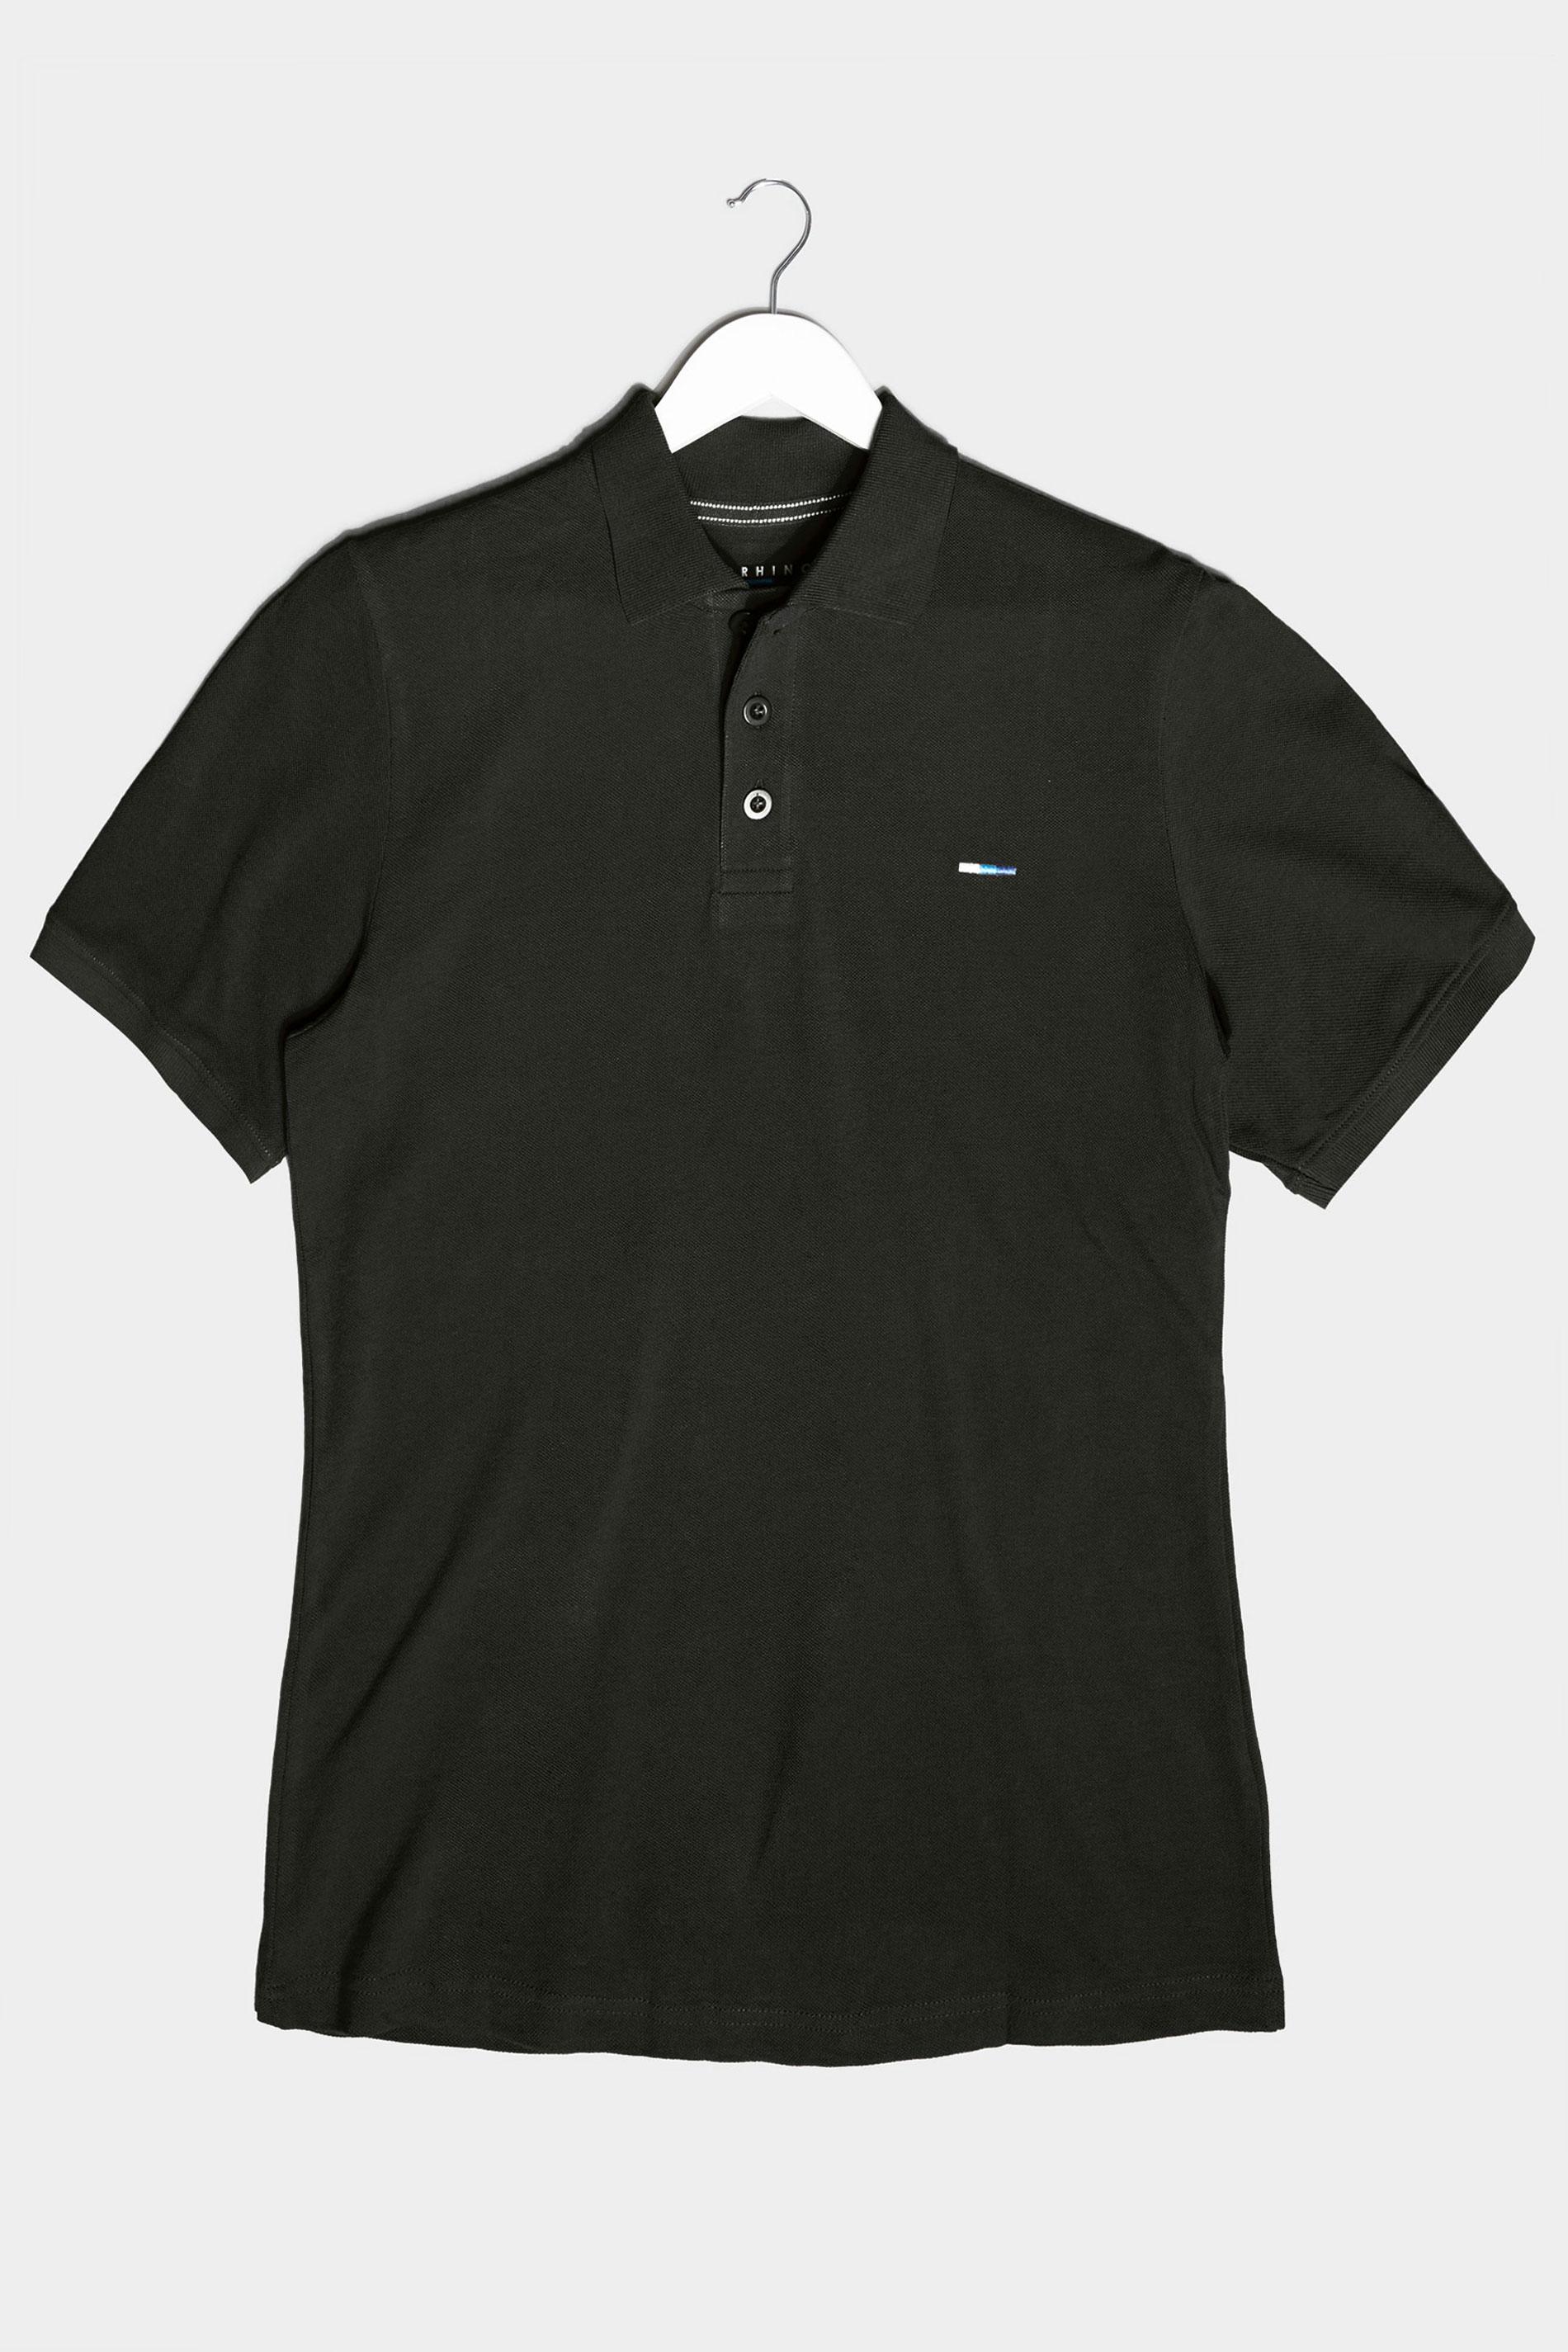 BadRhino Black Essential Polo Shirt